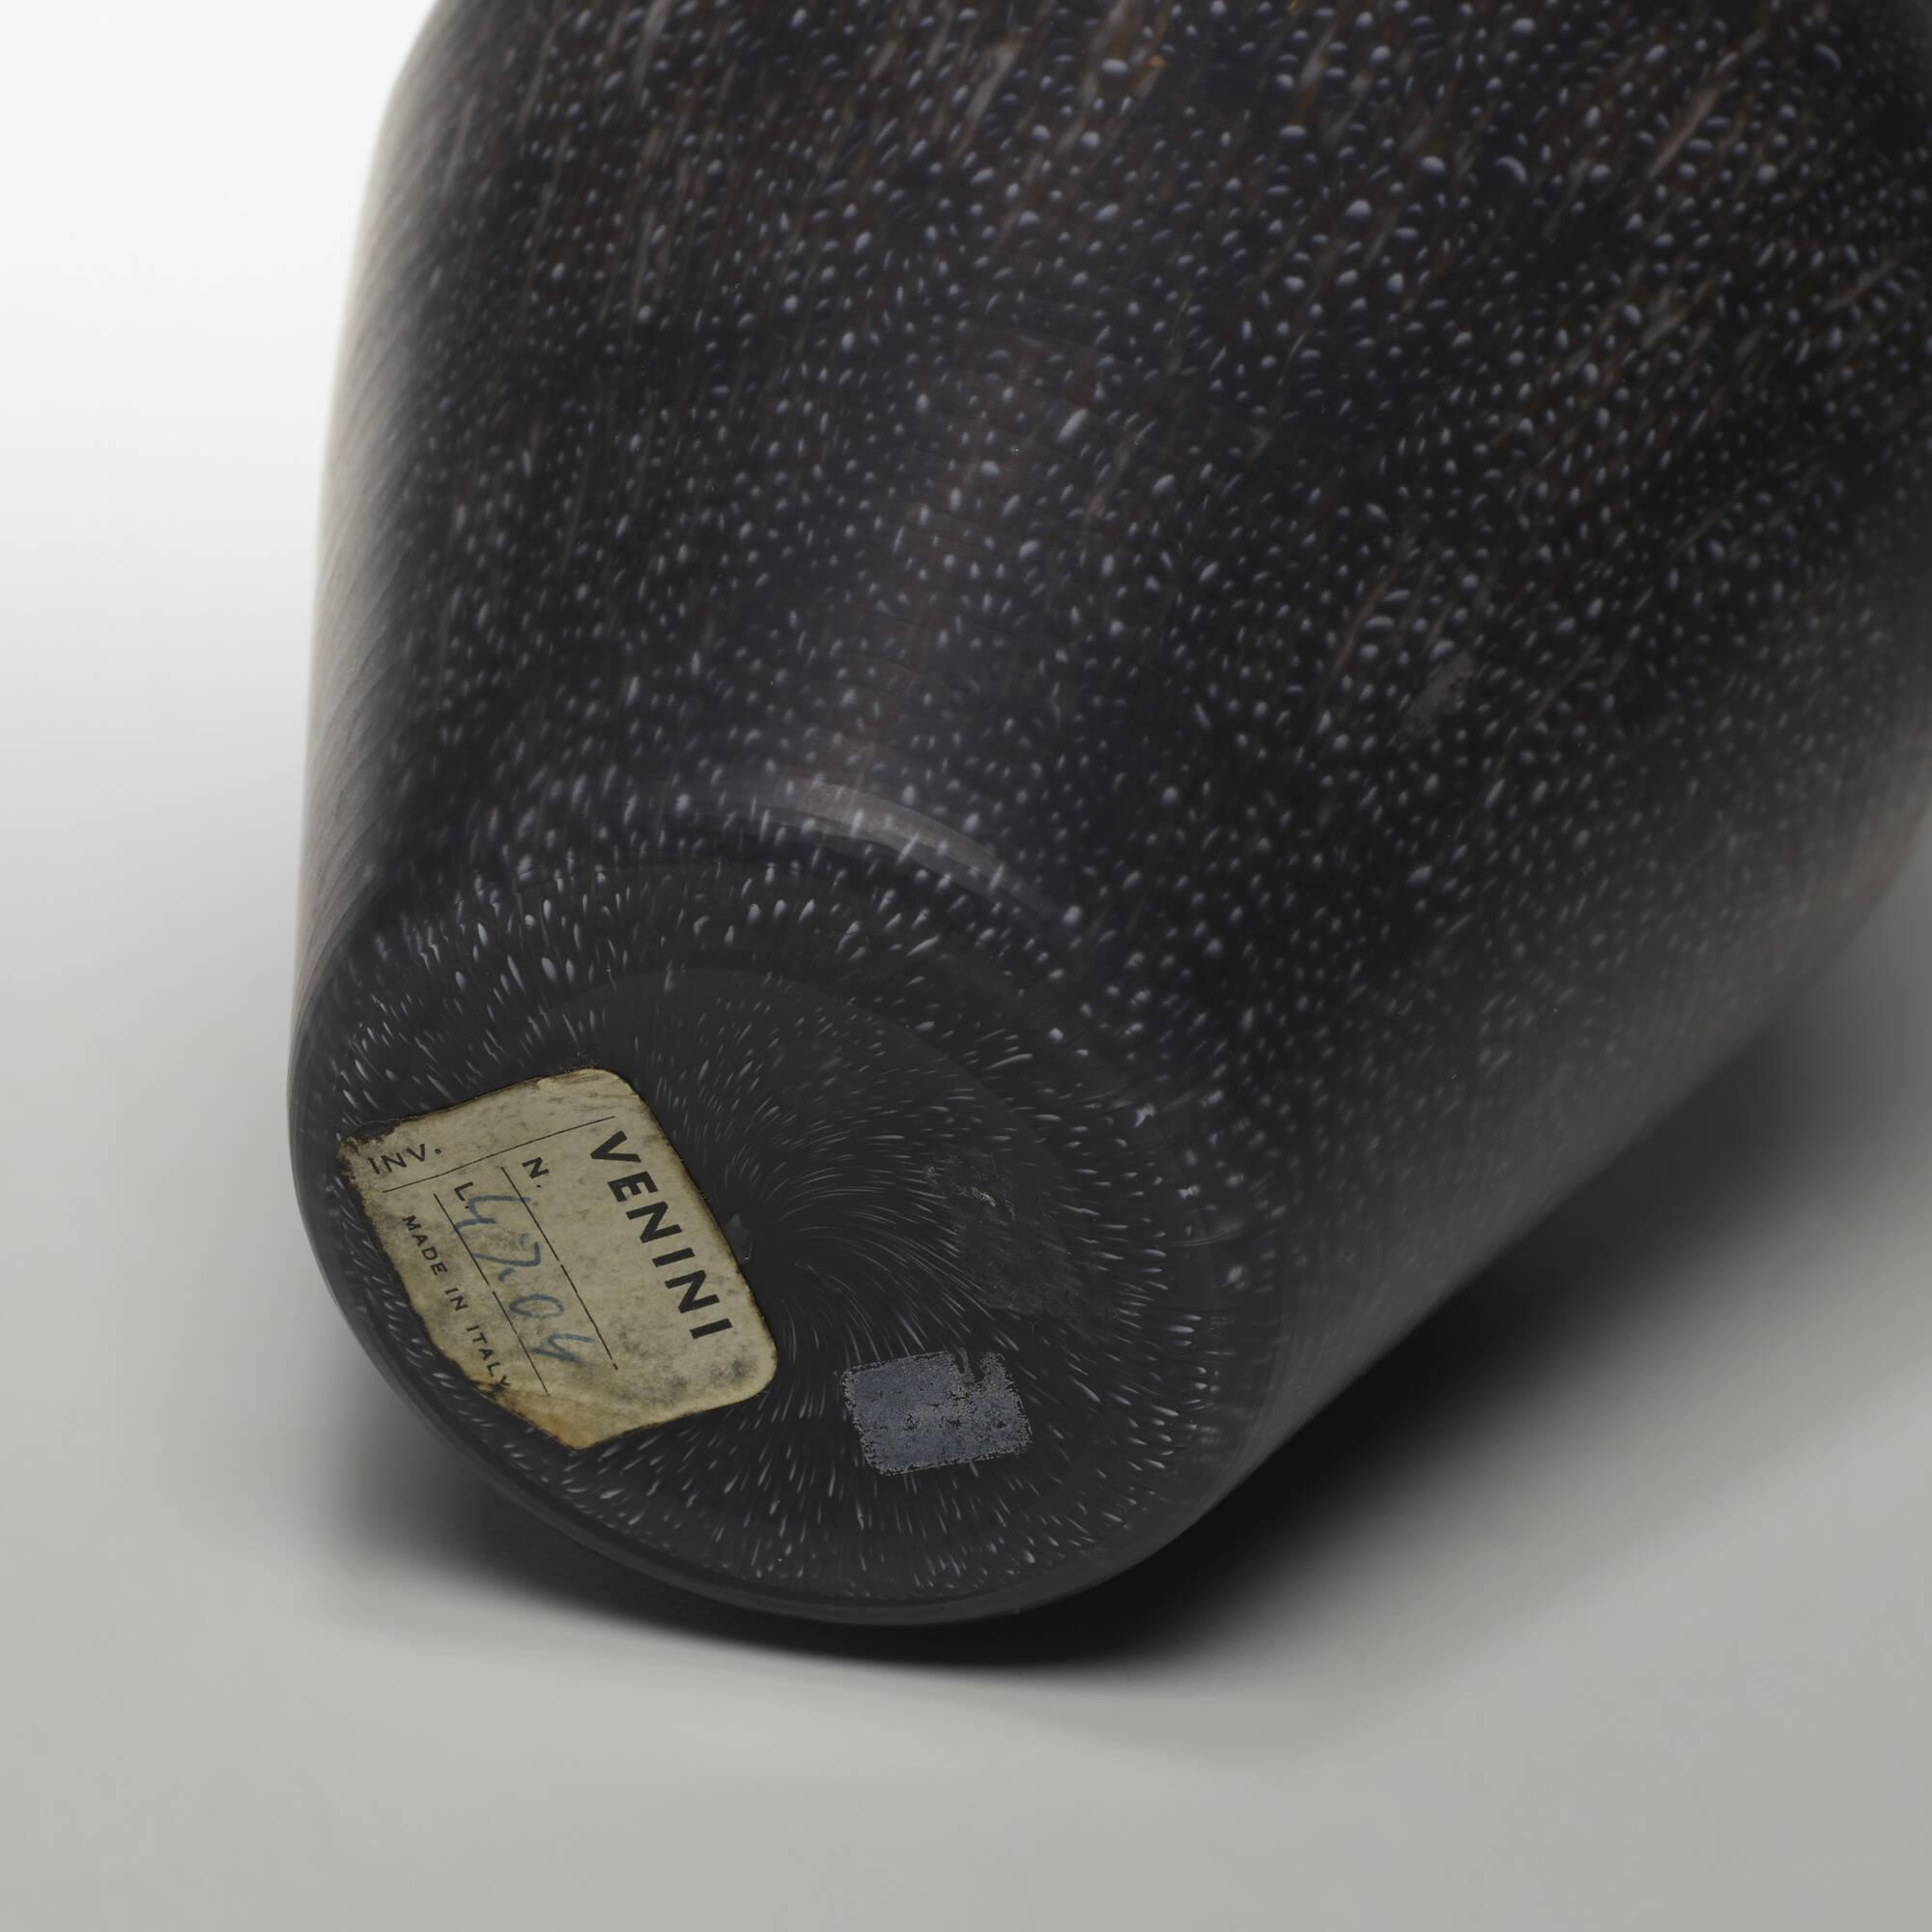 152: Paolo Venini / a Murrine vase, model 4704 (3 of 3)